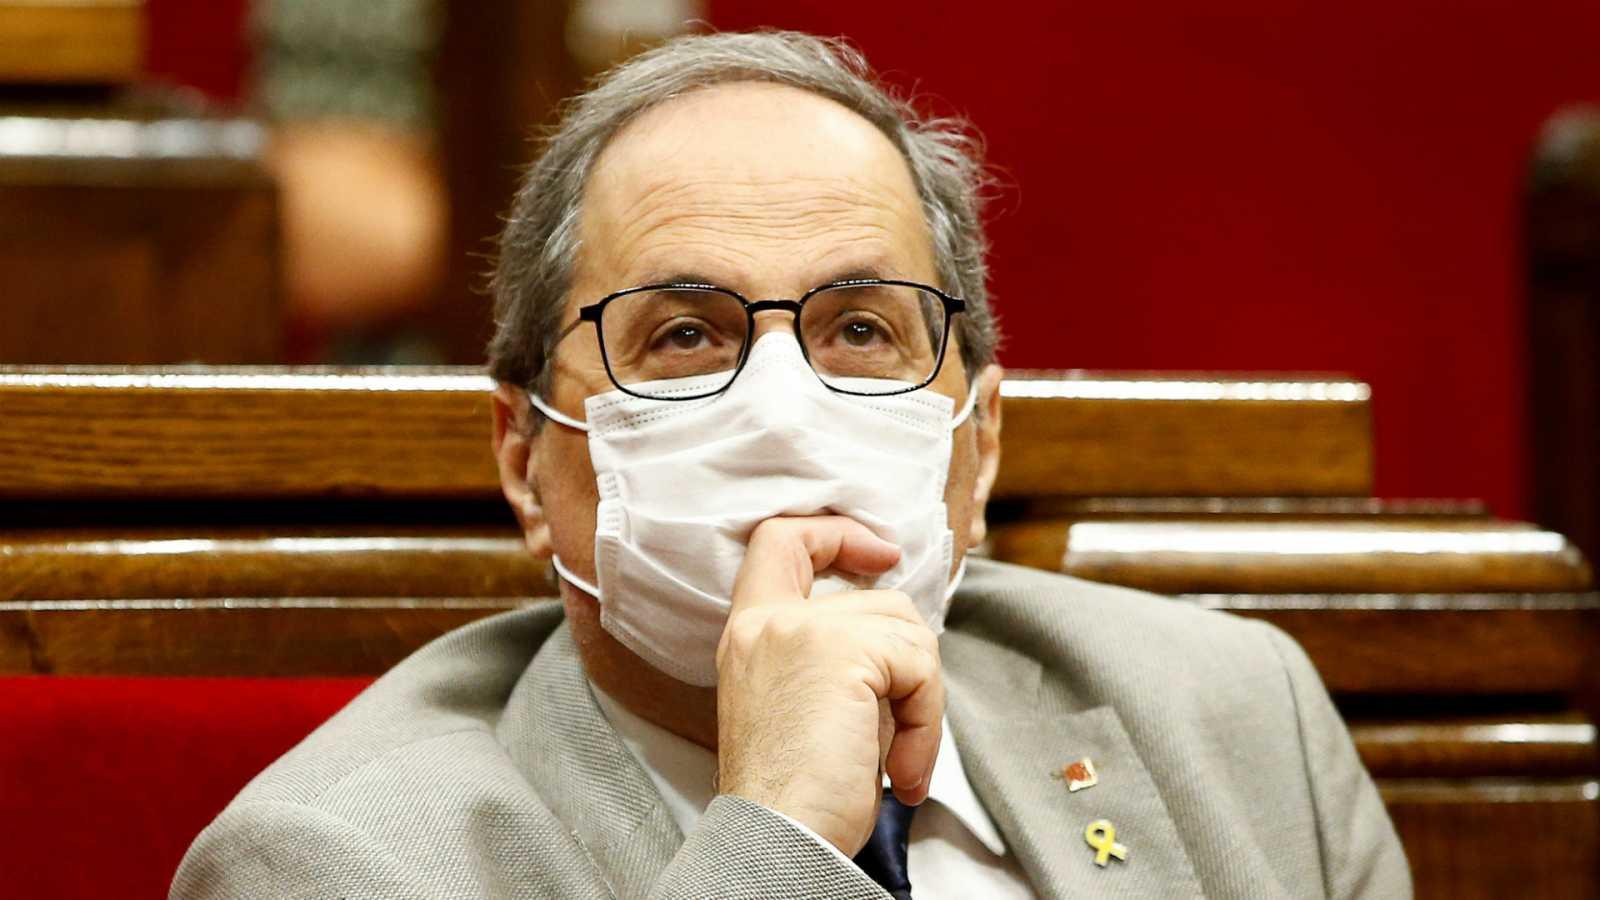 14 horas - El Parlament rechaza acatar la decisión que tome el Supremo sobre la inhabilitación de Torra - Escuchar ahora